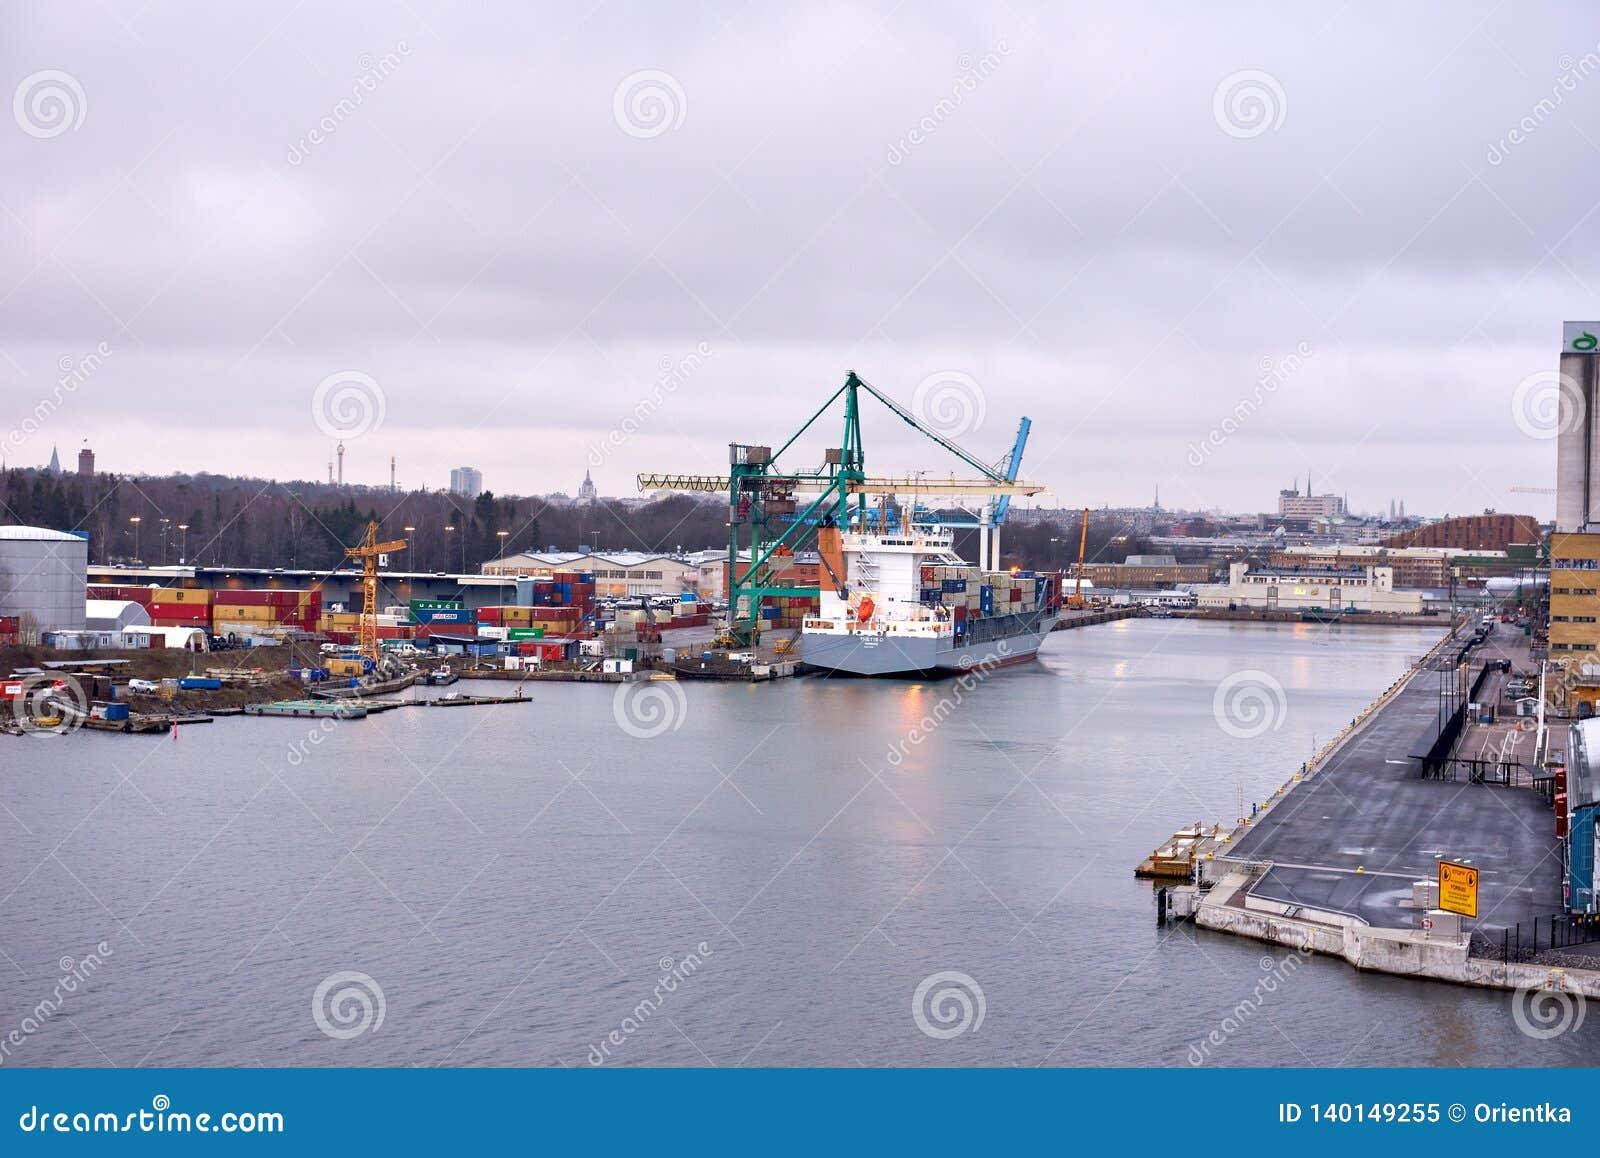 TALIN DES 2018 DELL ESTONIA 17: Caricamento della nave porta-container nel porto